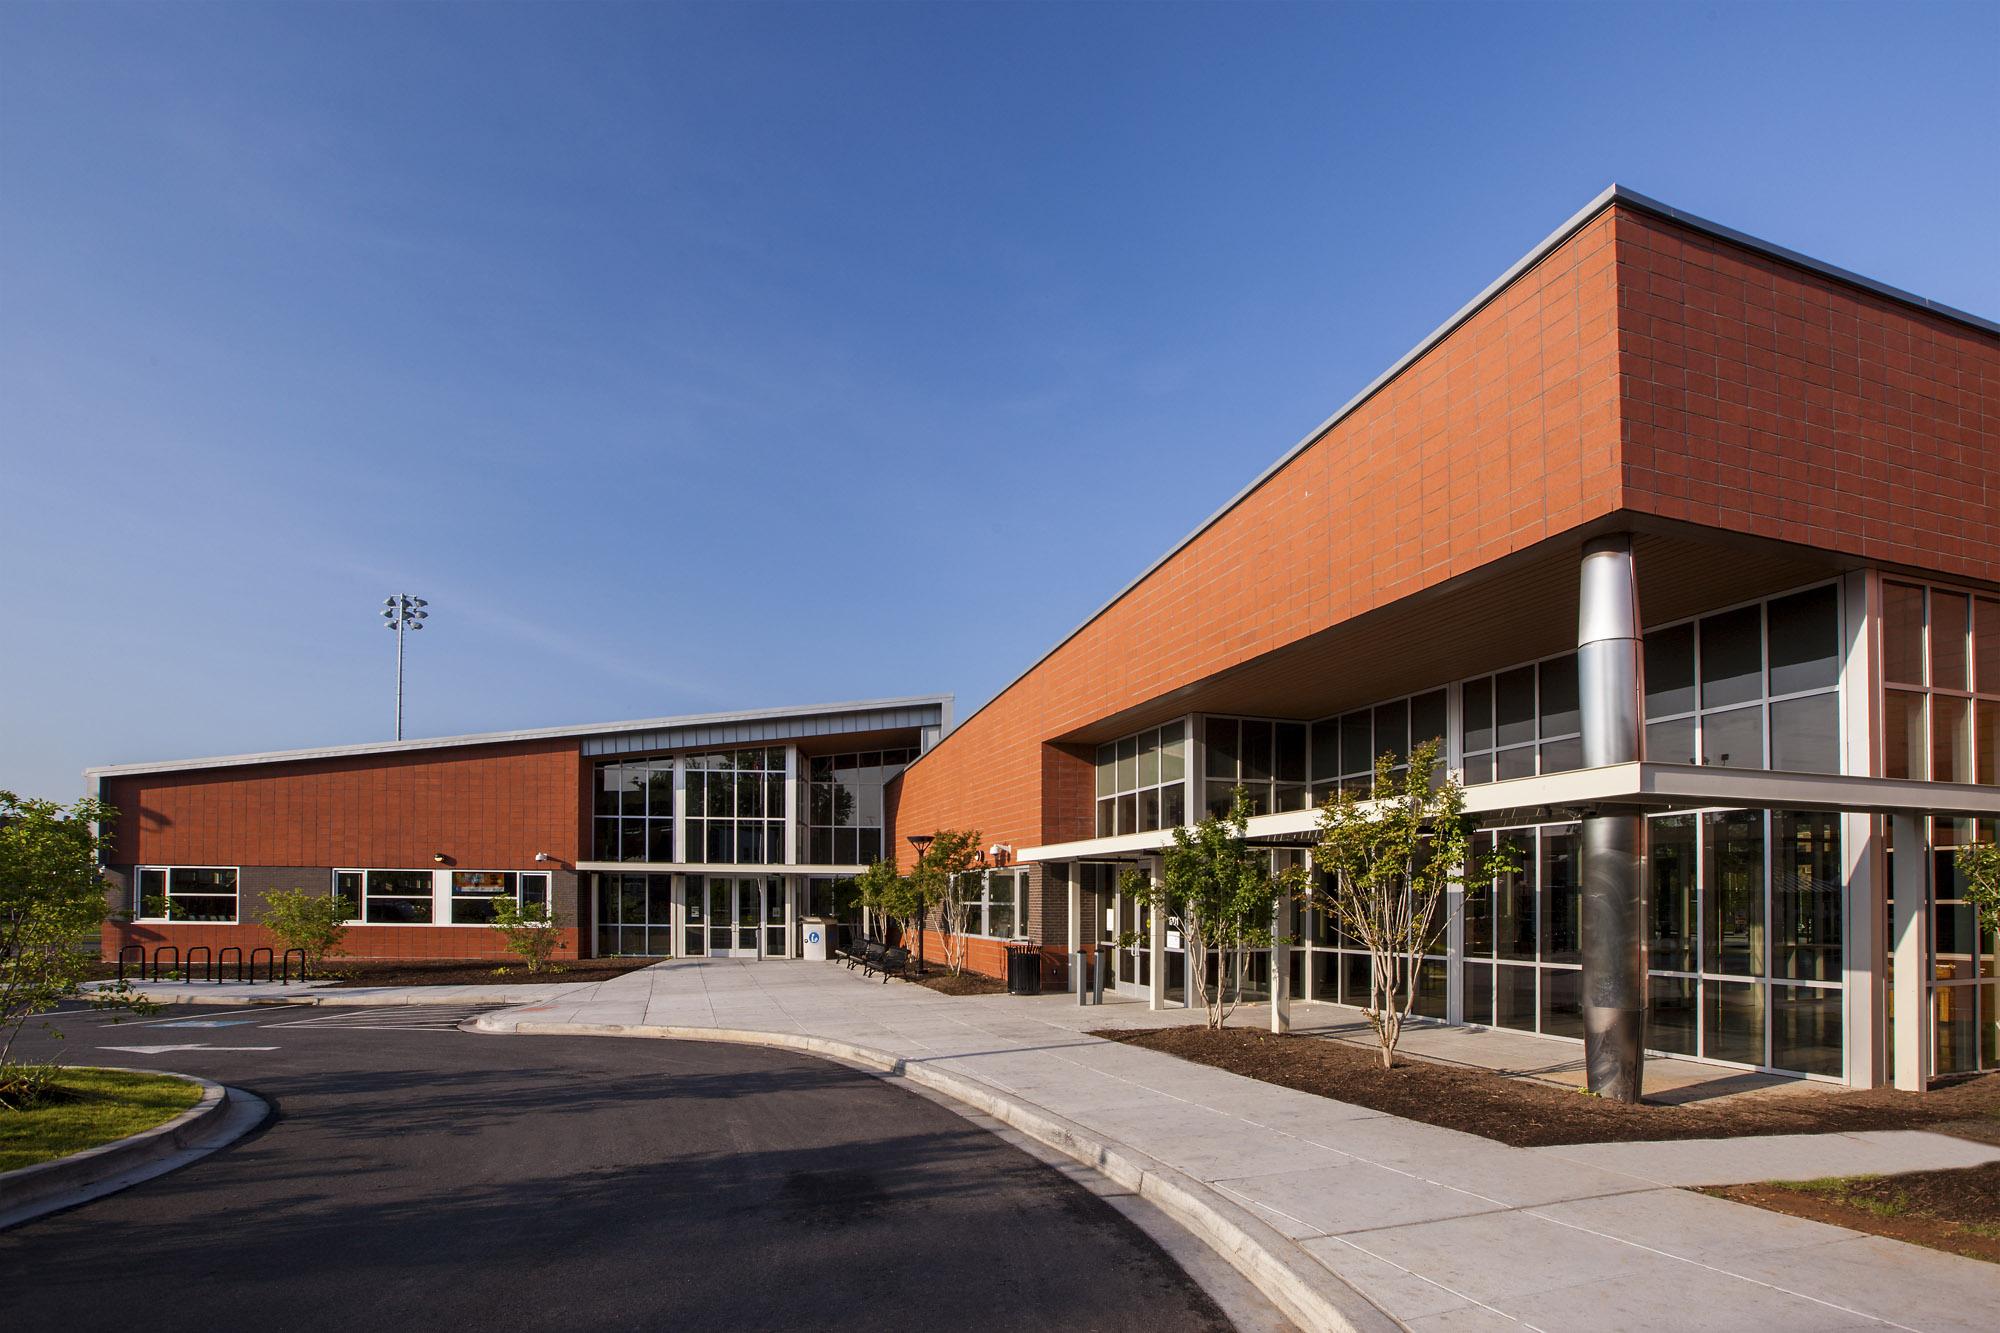 Rosedale Recreation Center Exterior Image-144804.jpg